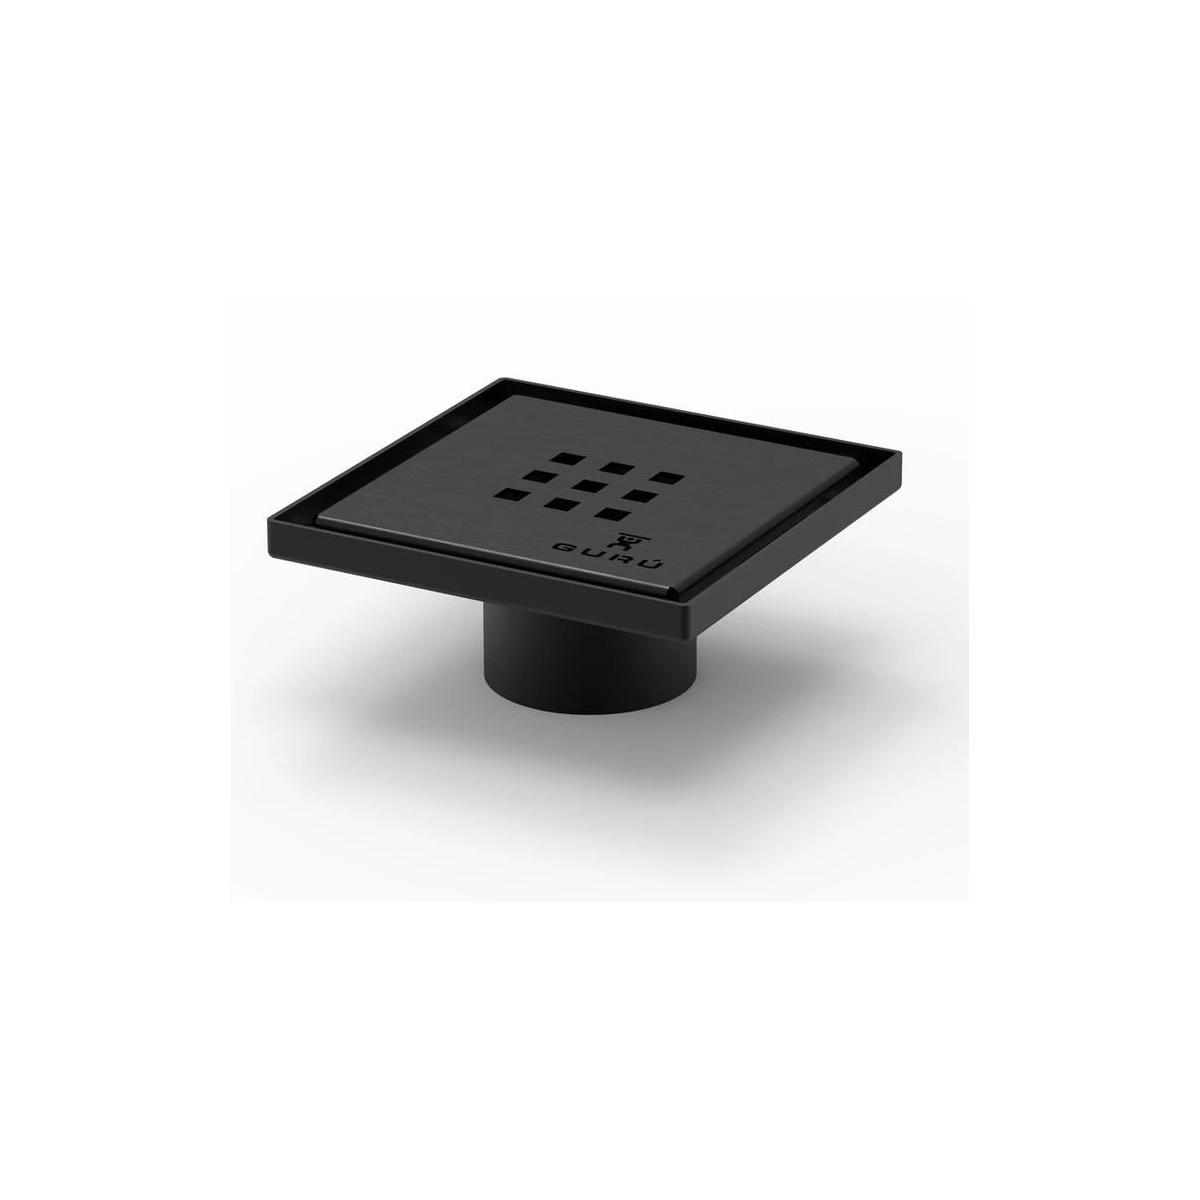 Sumidero negro para ducha Evolux Dark Plus